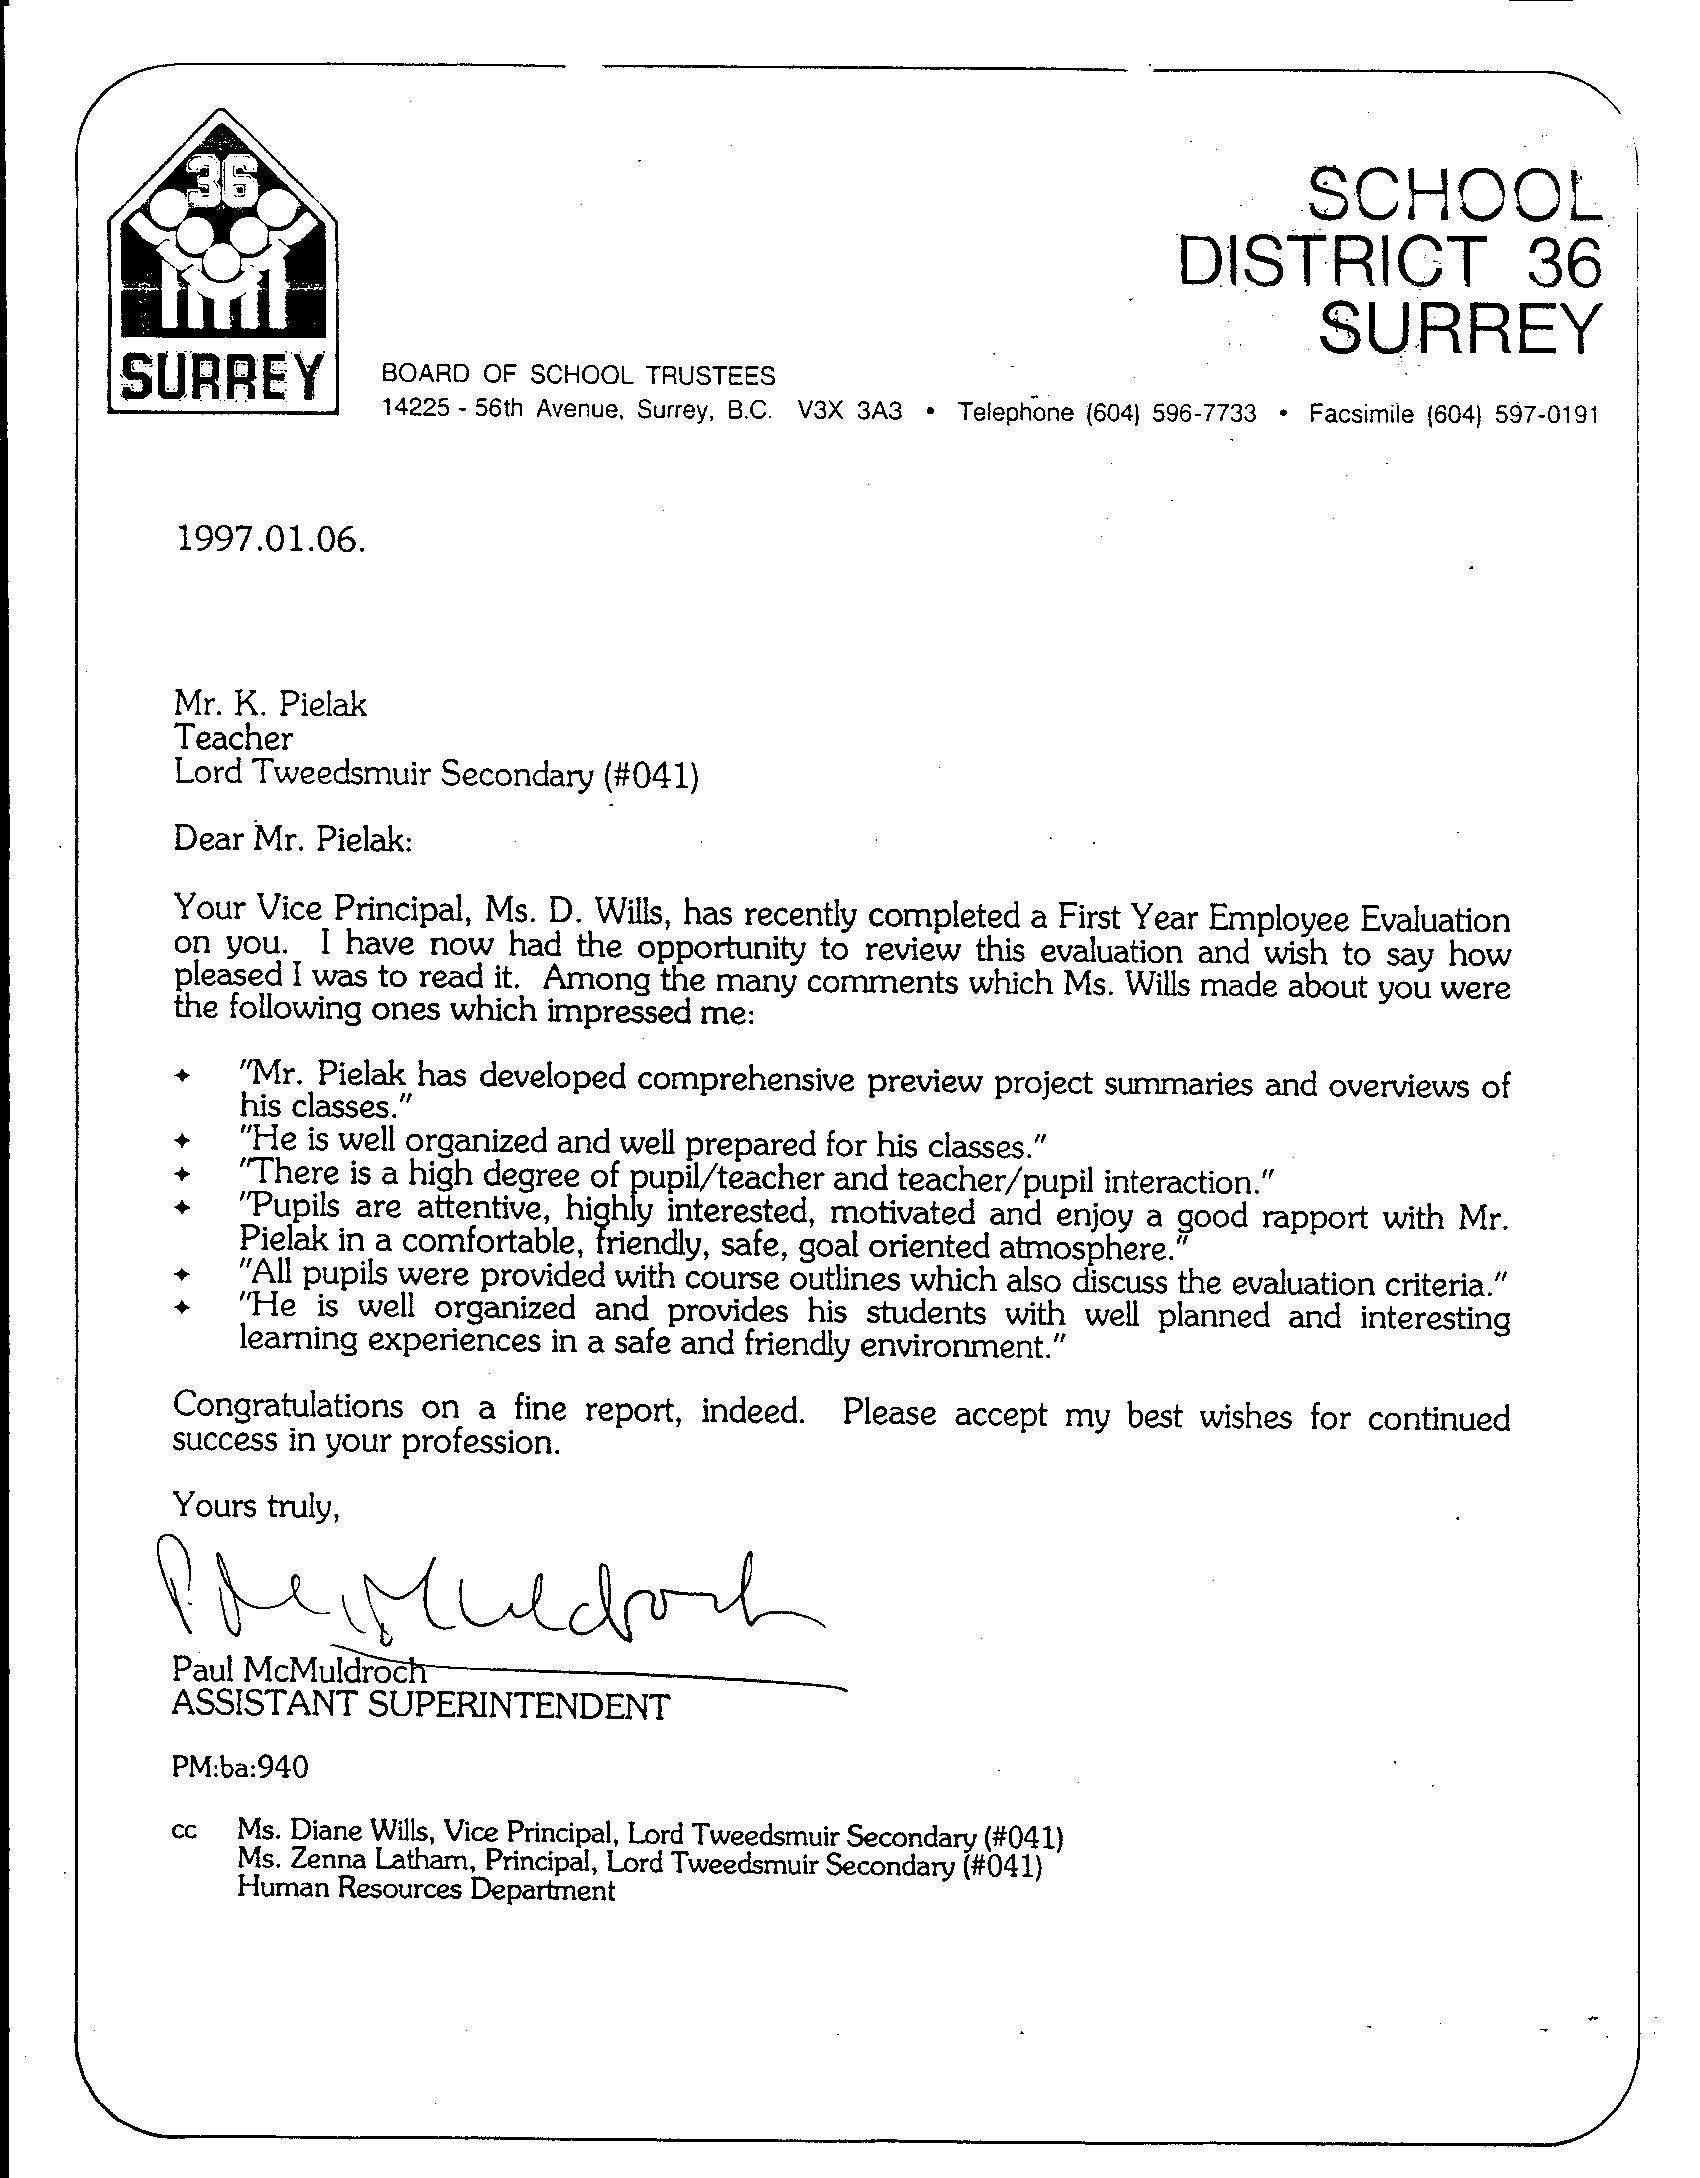 Elementary Teacher Resume Cover Letter. Elementary Teacher Resume Cover